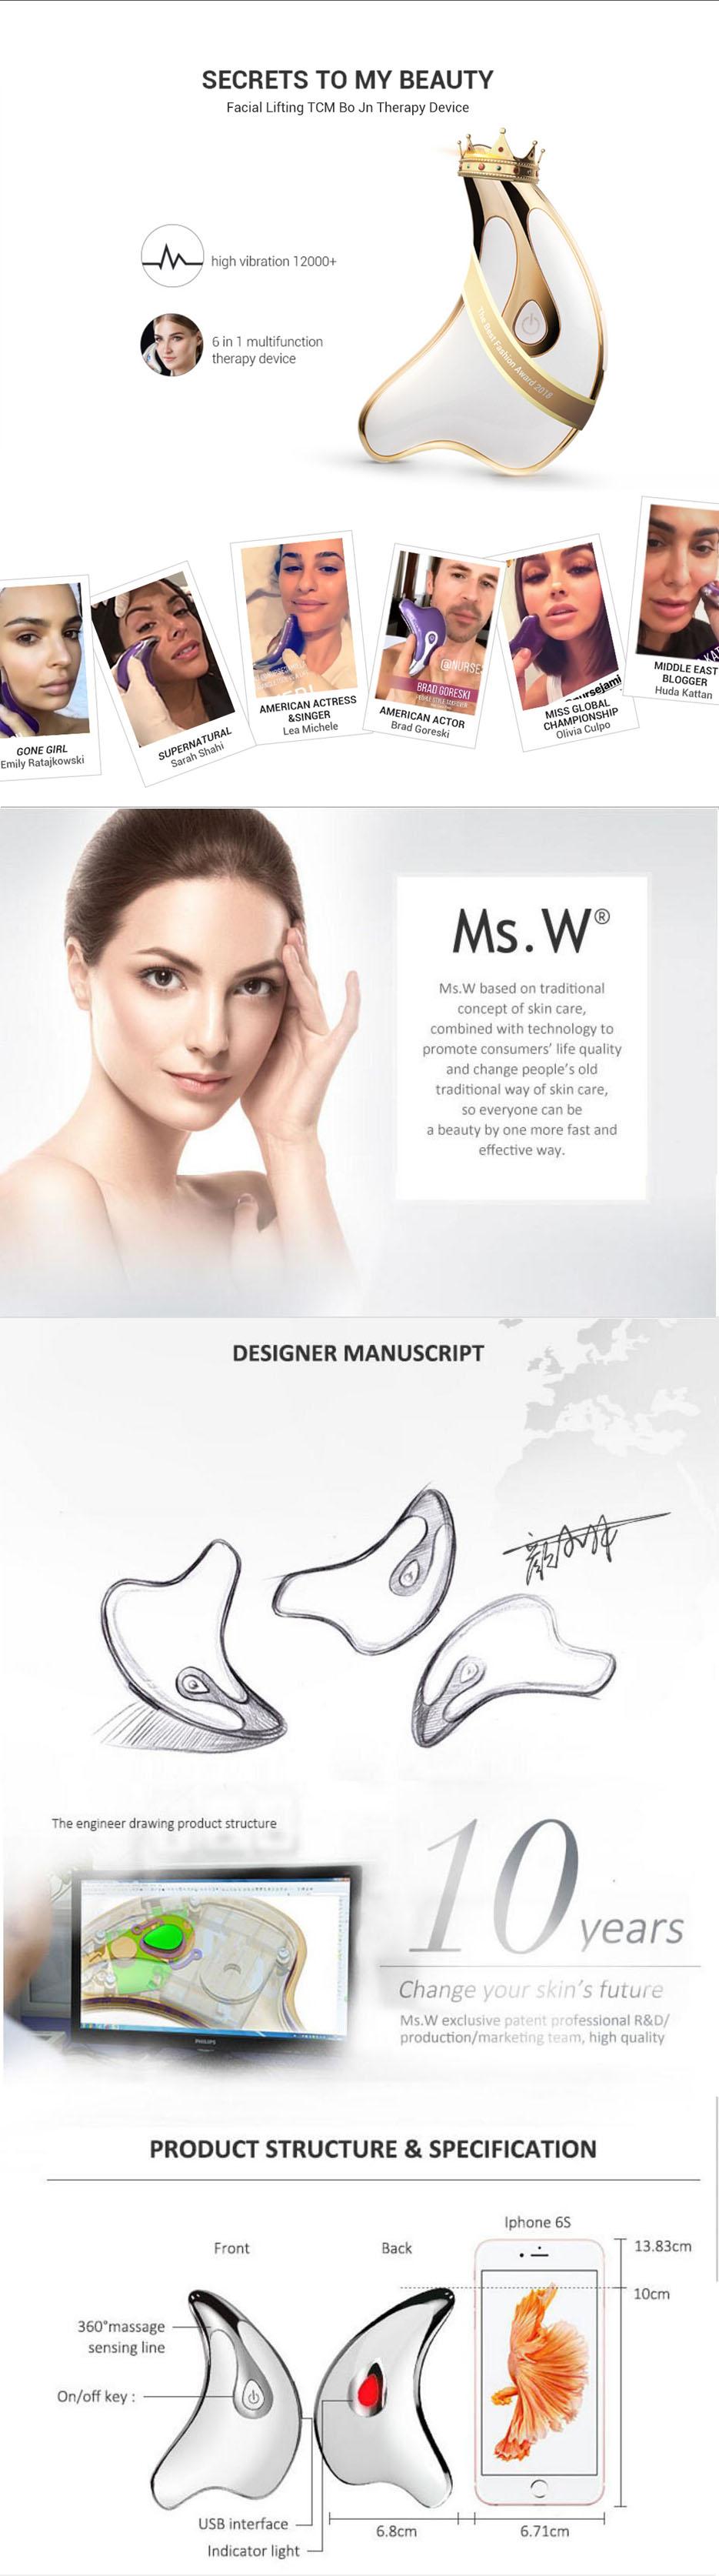 Ms.w世界ベストセラー製品アンチエイジングフェイススクラブインスタントフェイスリフトスキンライトニング